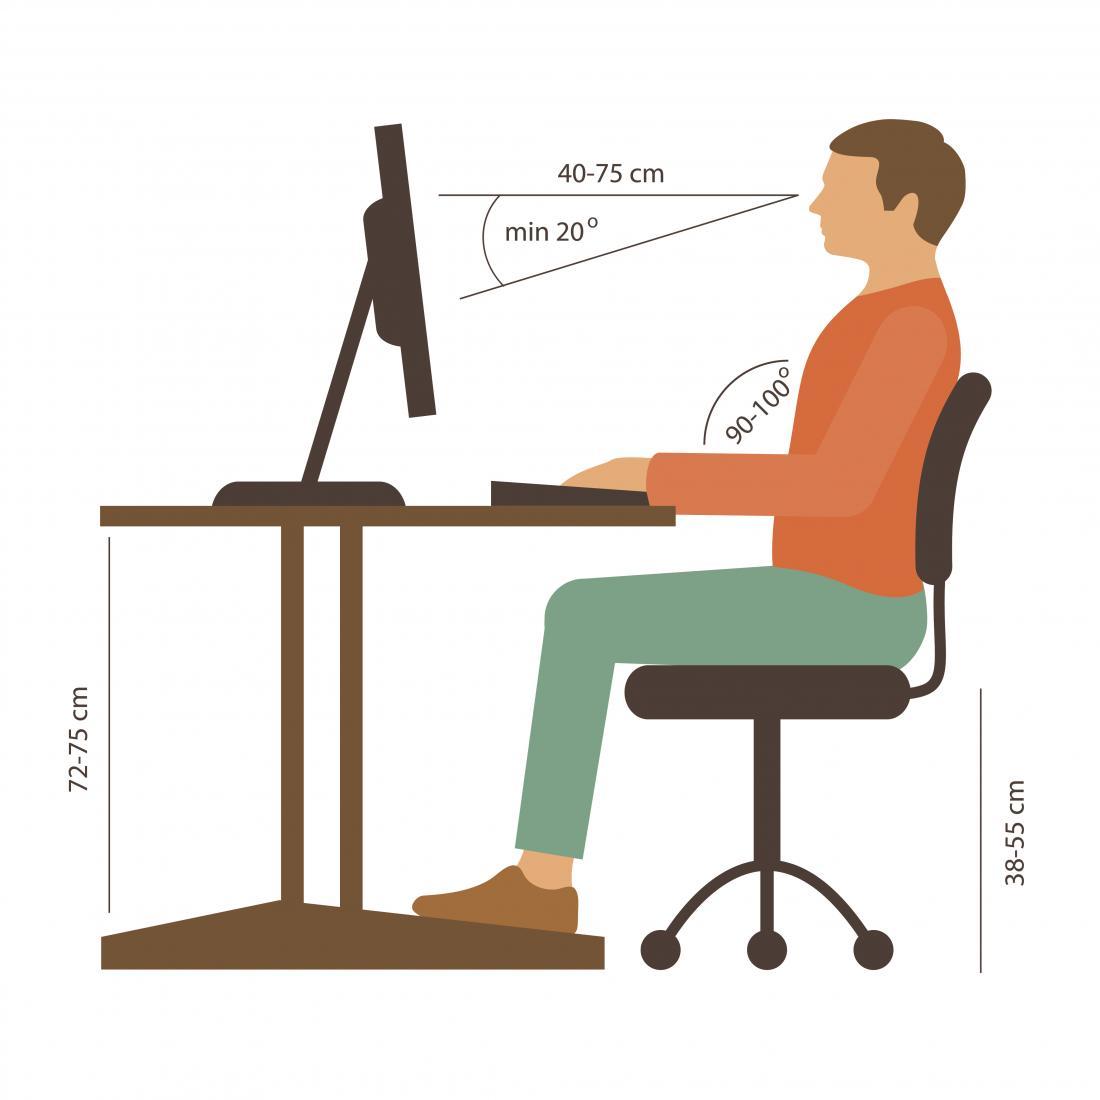 辦公桌前正確坐姿